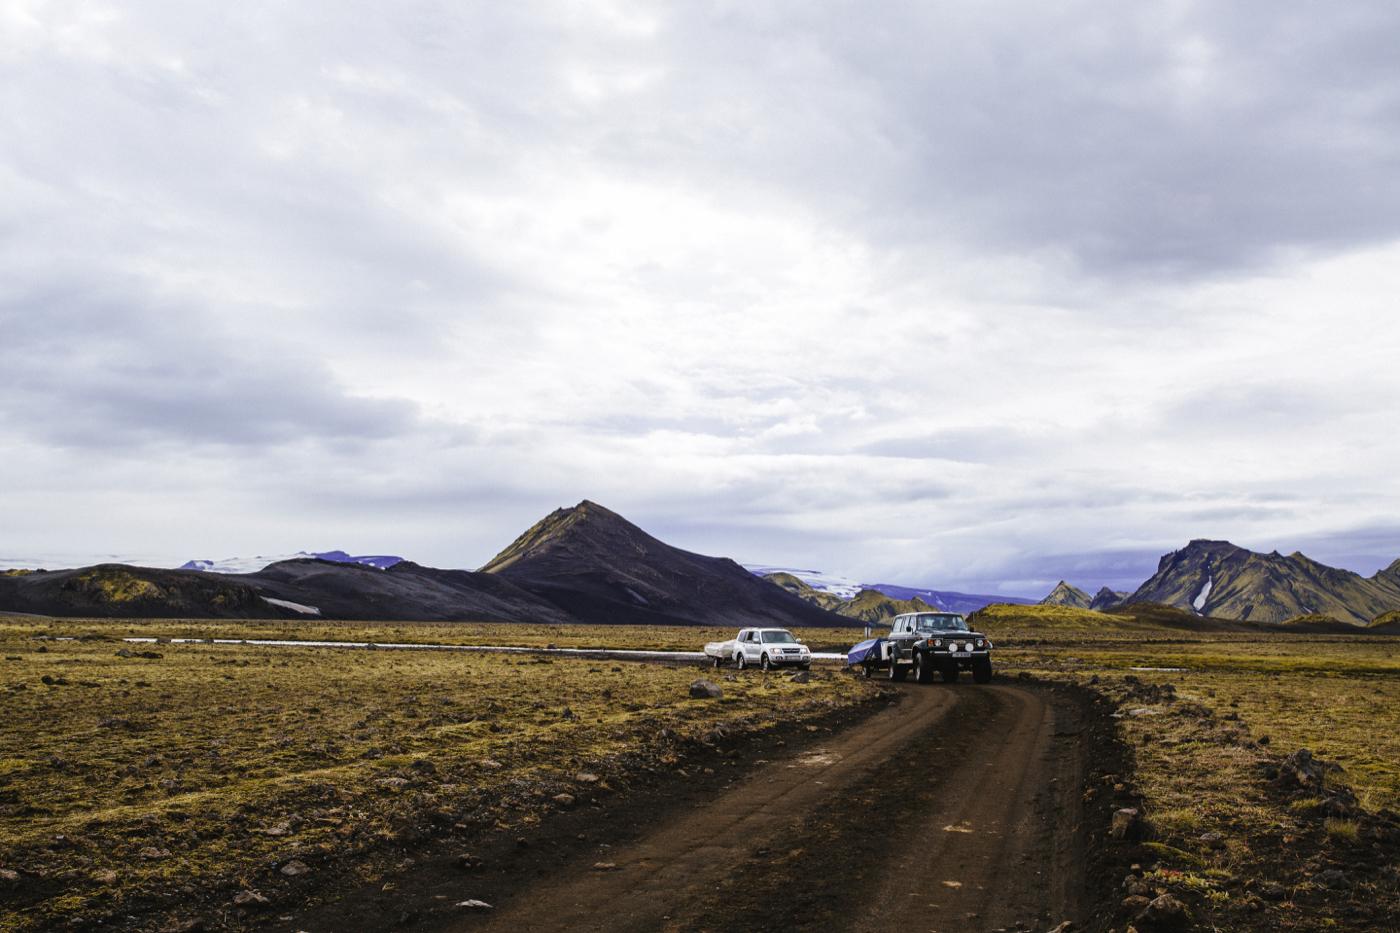 Αυτοκίνητα σε road trip στην Ισλανδία